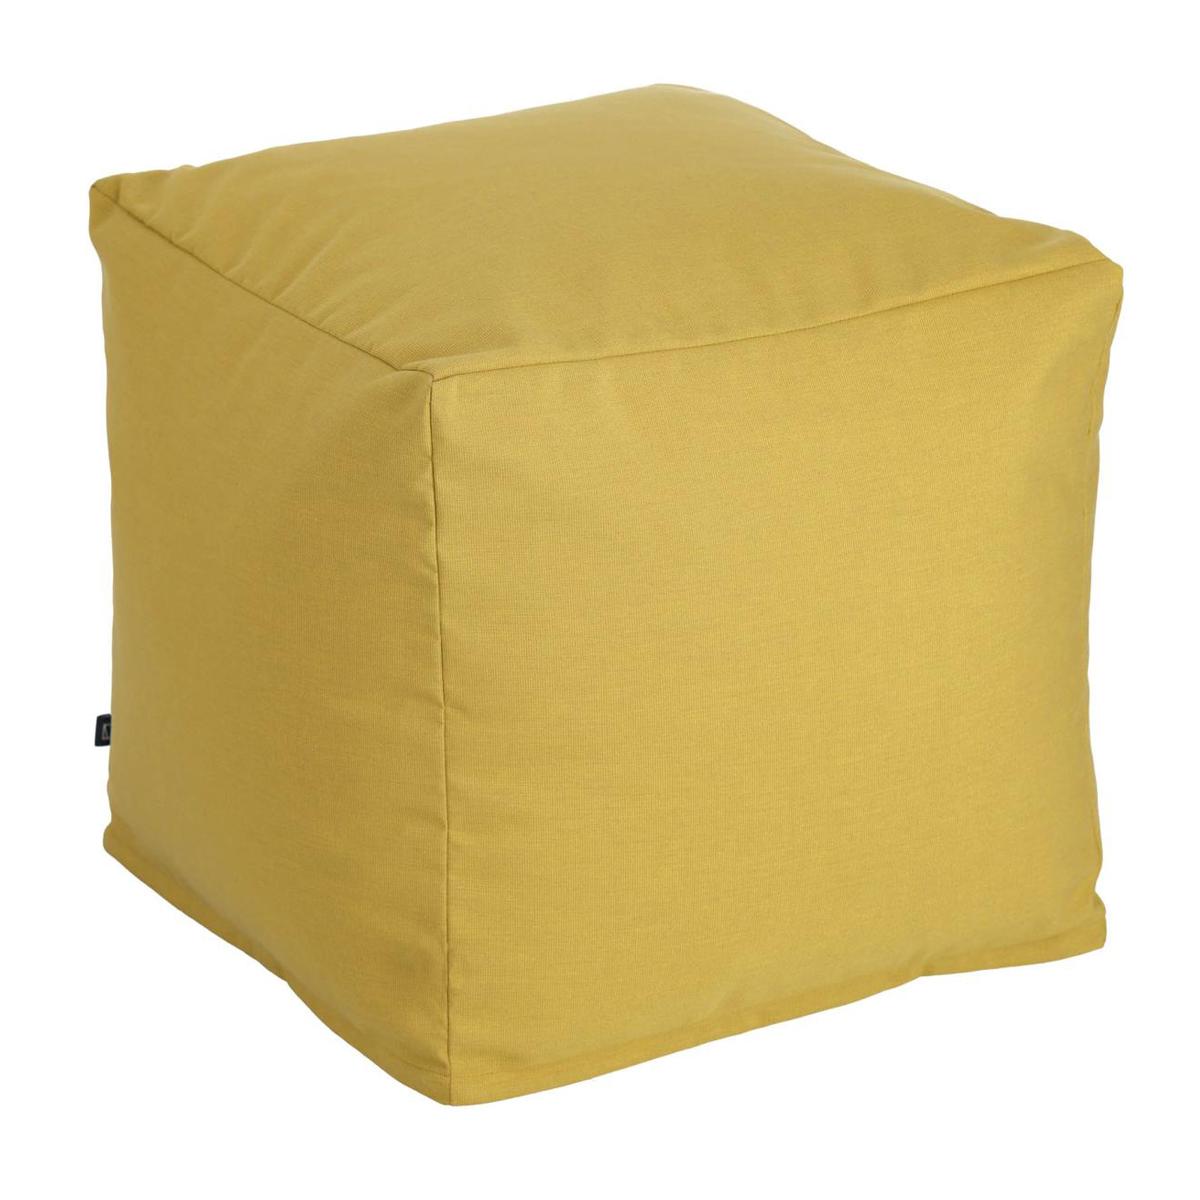 Pouf carré et uni - Moutarde - 50 x 50 x 40 cm